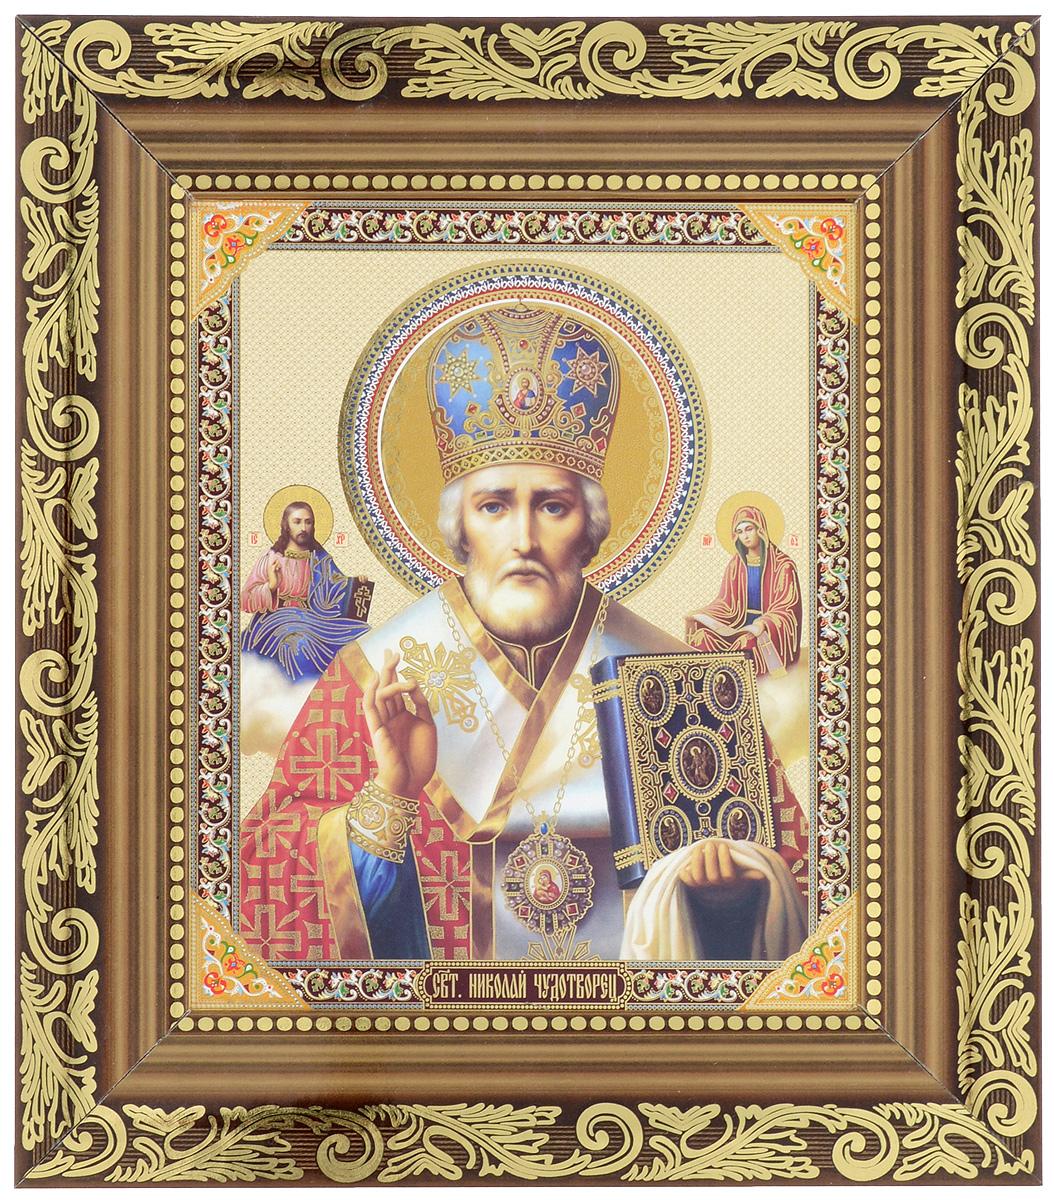 Икона Proffi Святой Николай Чудотворец, 14 х 17 см икона галерея благолепия икона святой николай чудотворец 3 юл 09